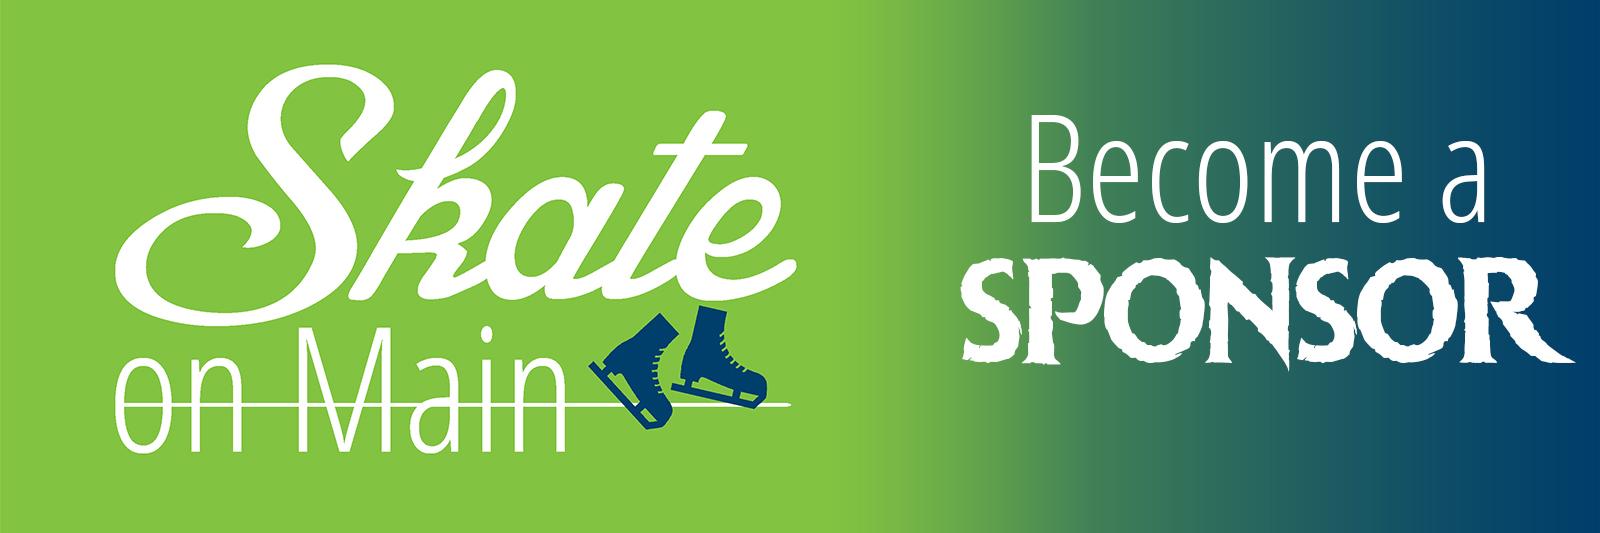 Skate-on-Main-Sponsor.jpg